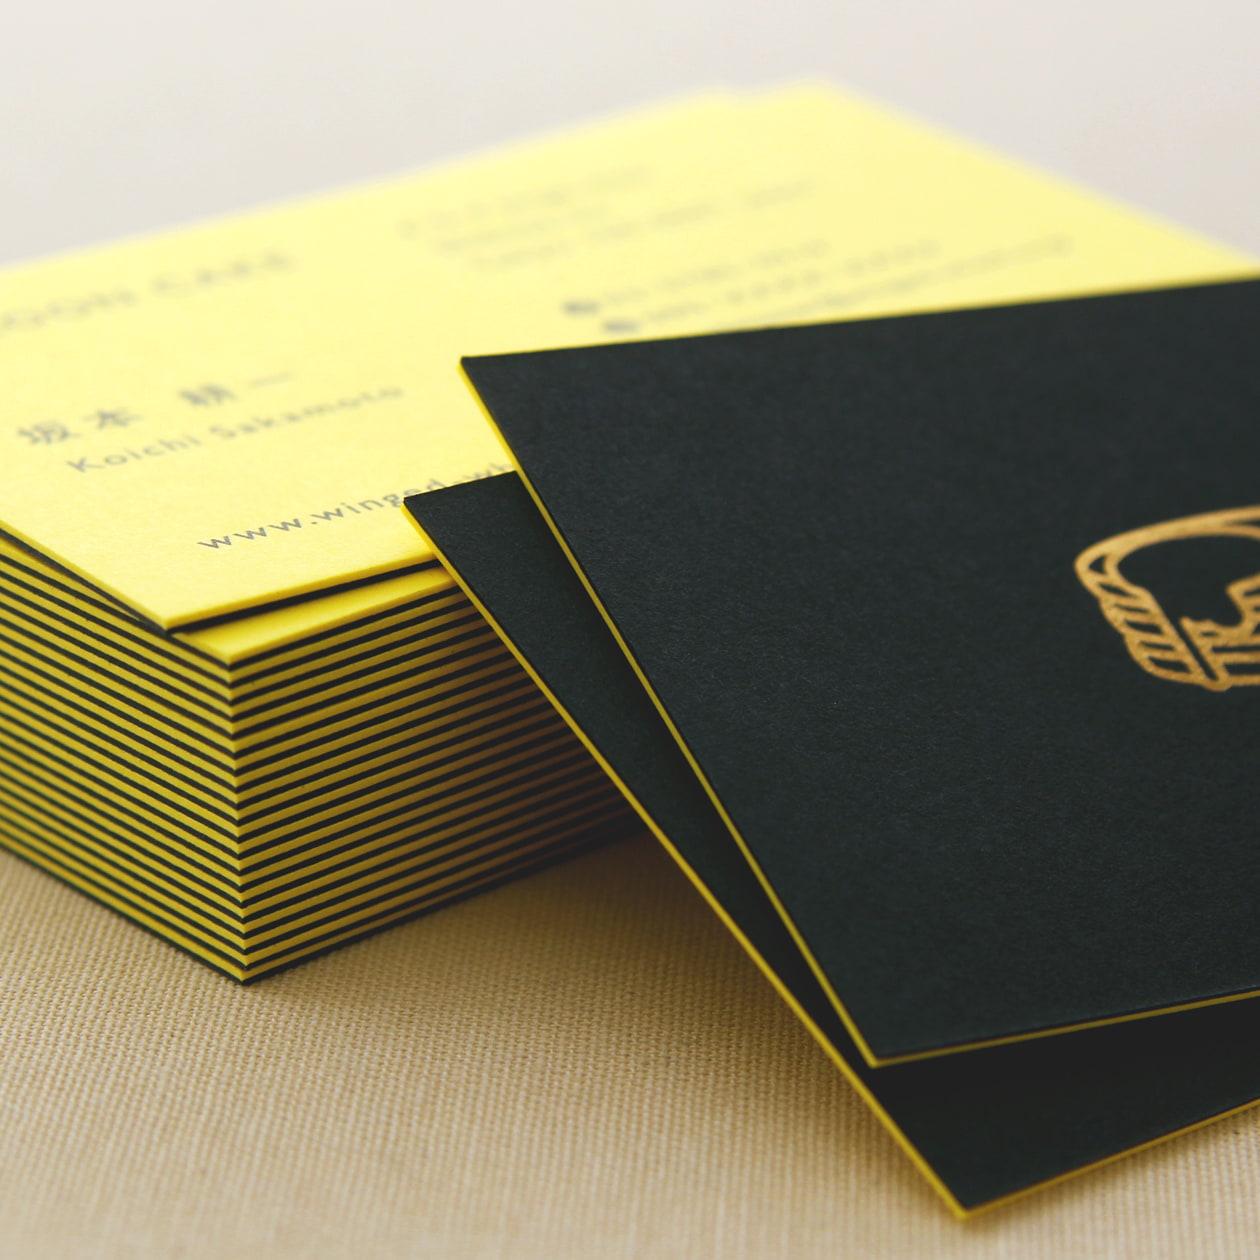 色ボード紙との組み合わせでつくるショップカード